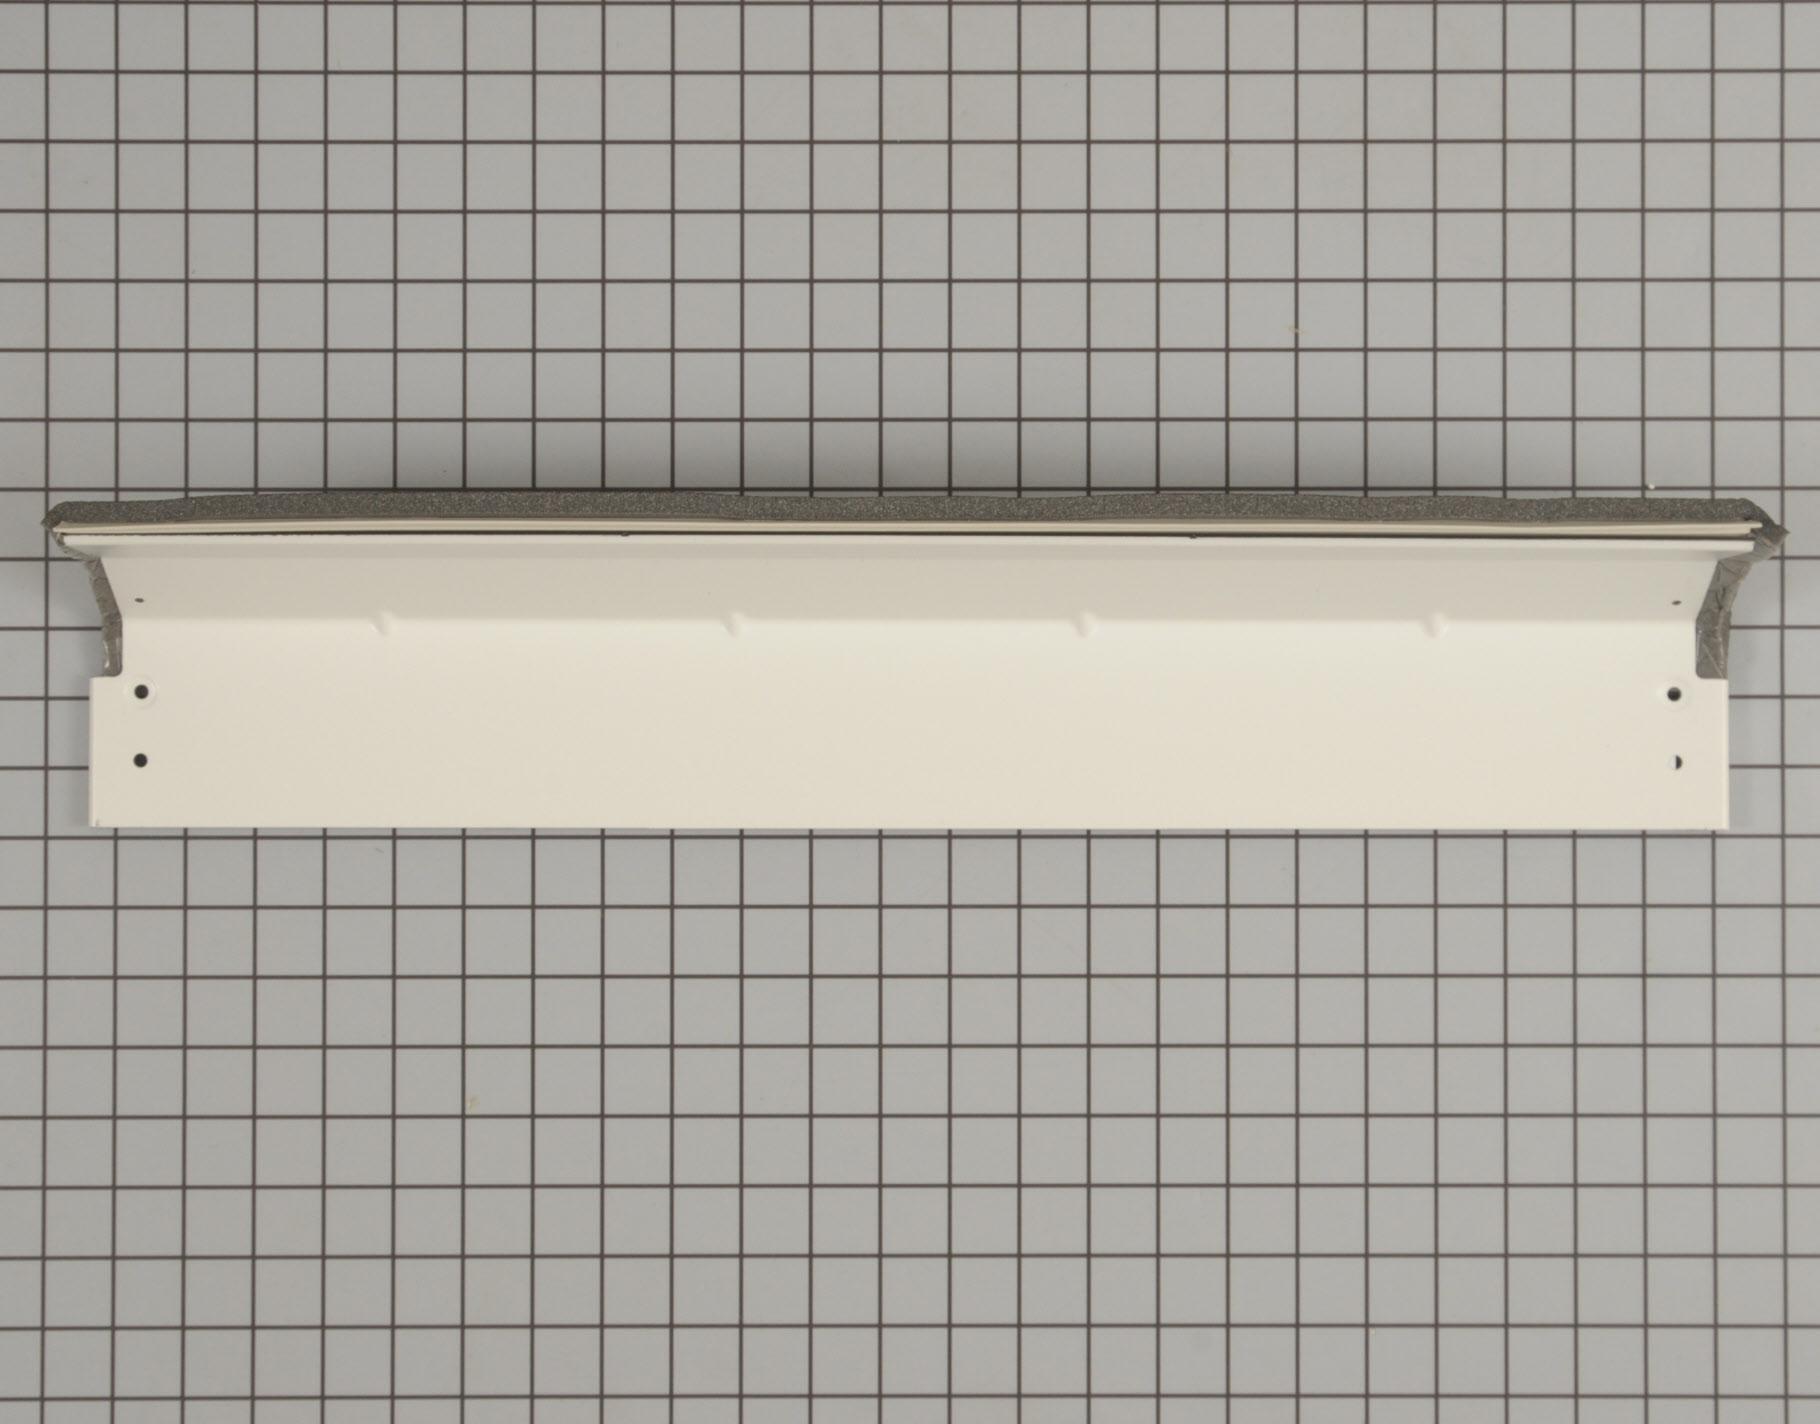 WP6-918114 Crosley Dishwasher Part -Front Panel